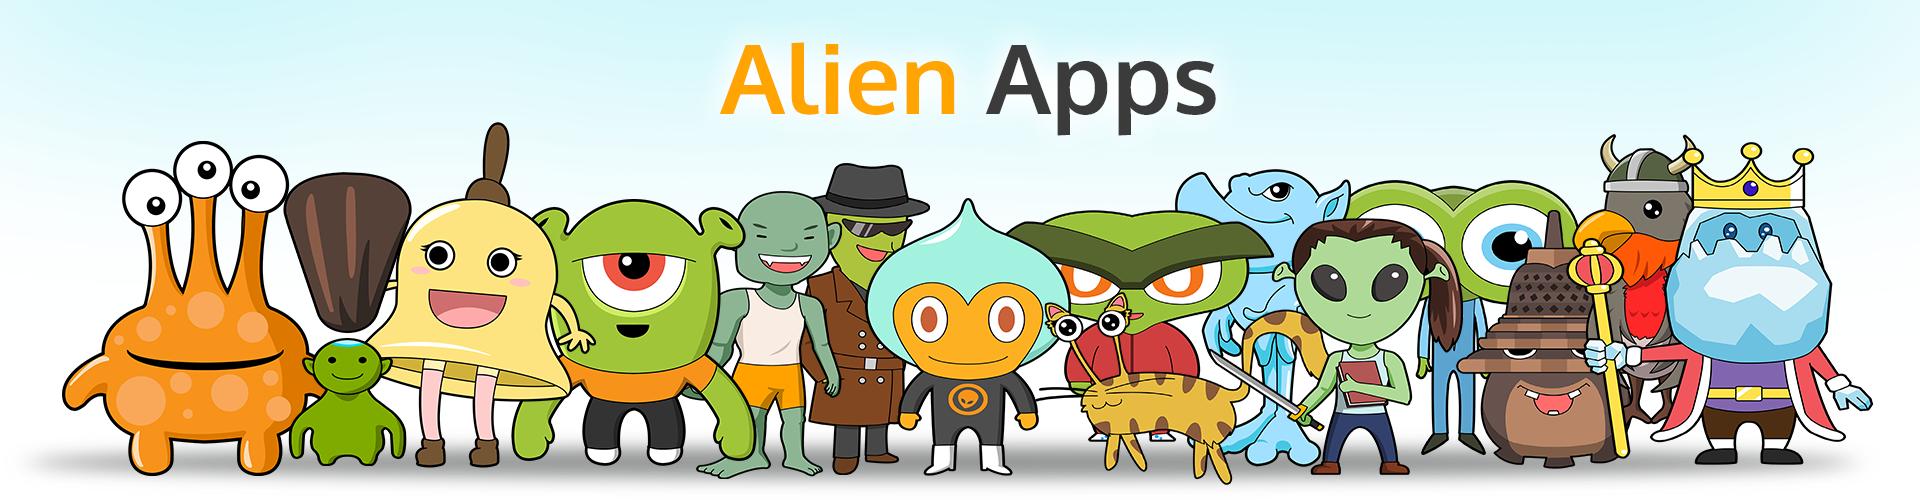 Alien Apps